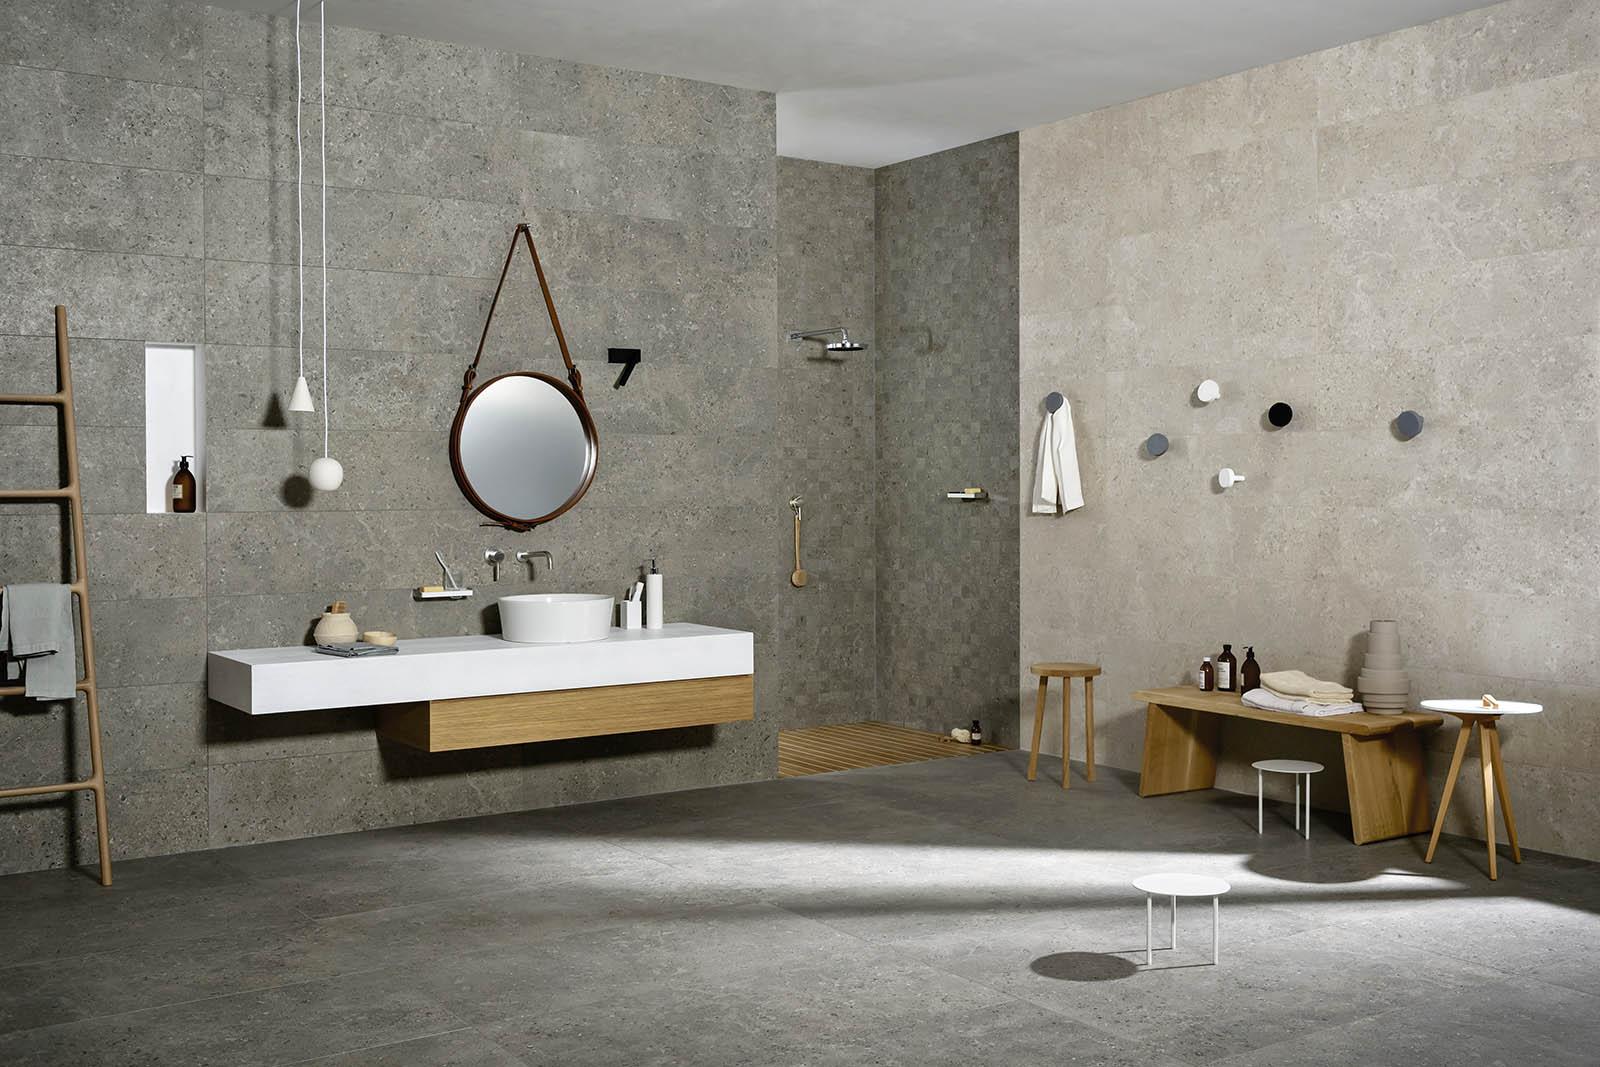 Muri Interni Grigi : Colori per muri interni. elegant piastrelle per muri interni colori